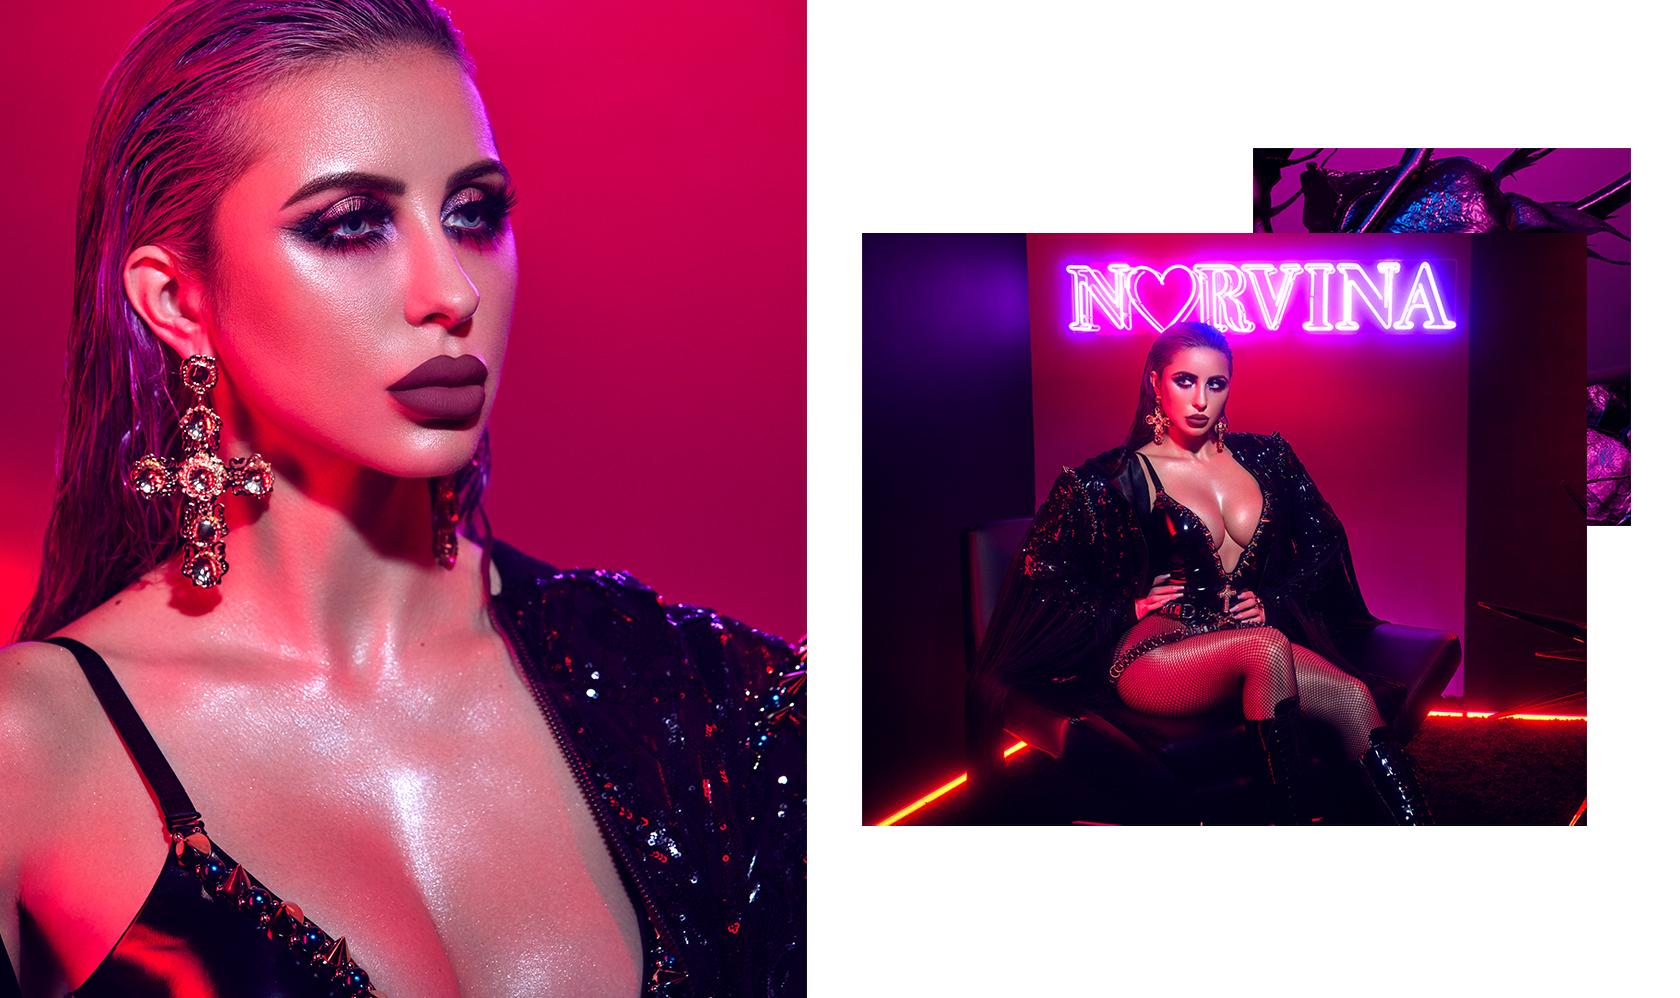 norvina-vol1-campaign-5